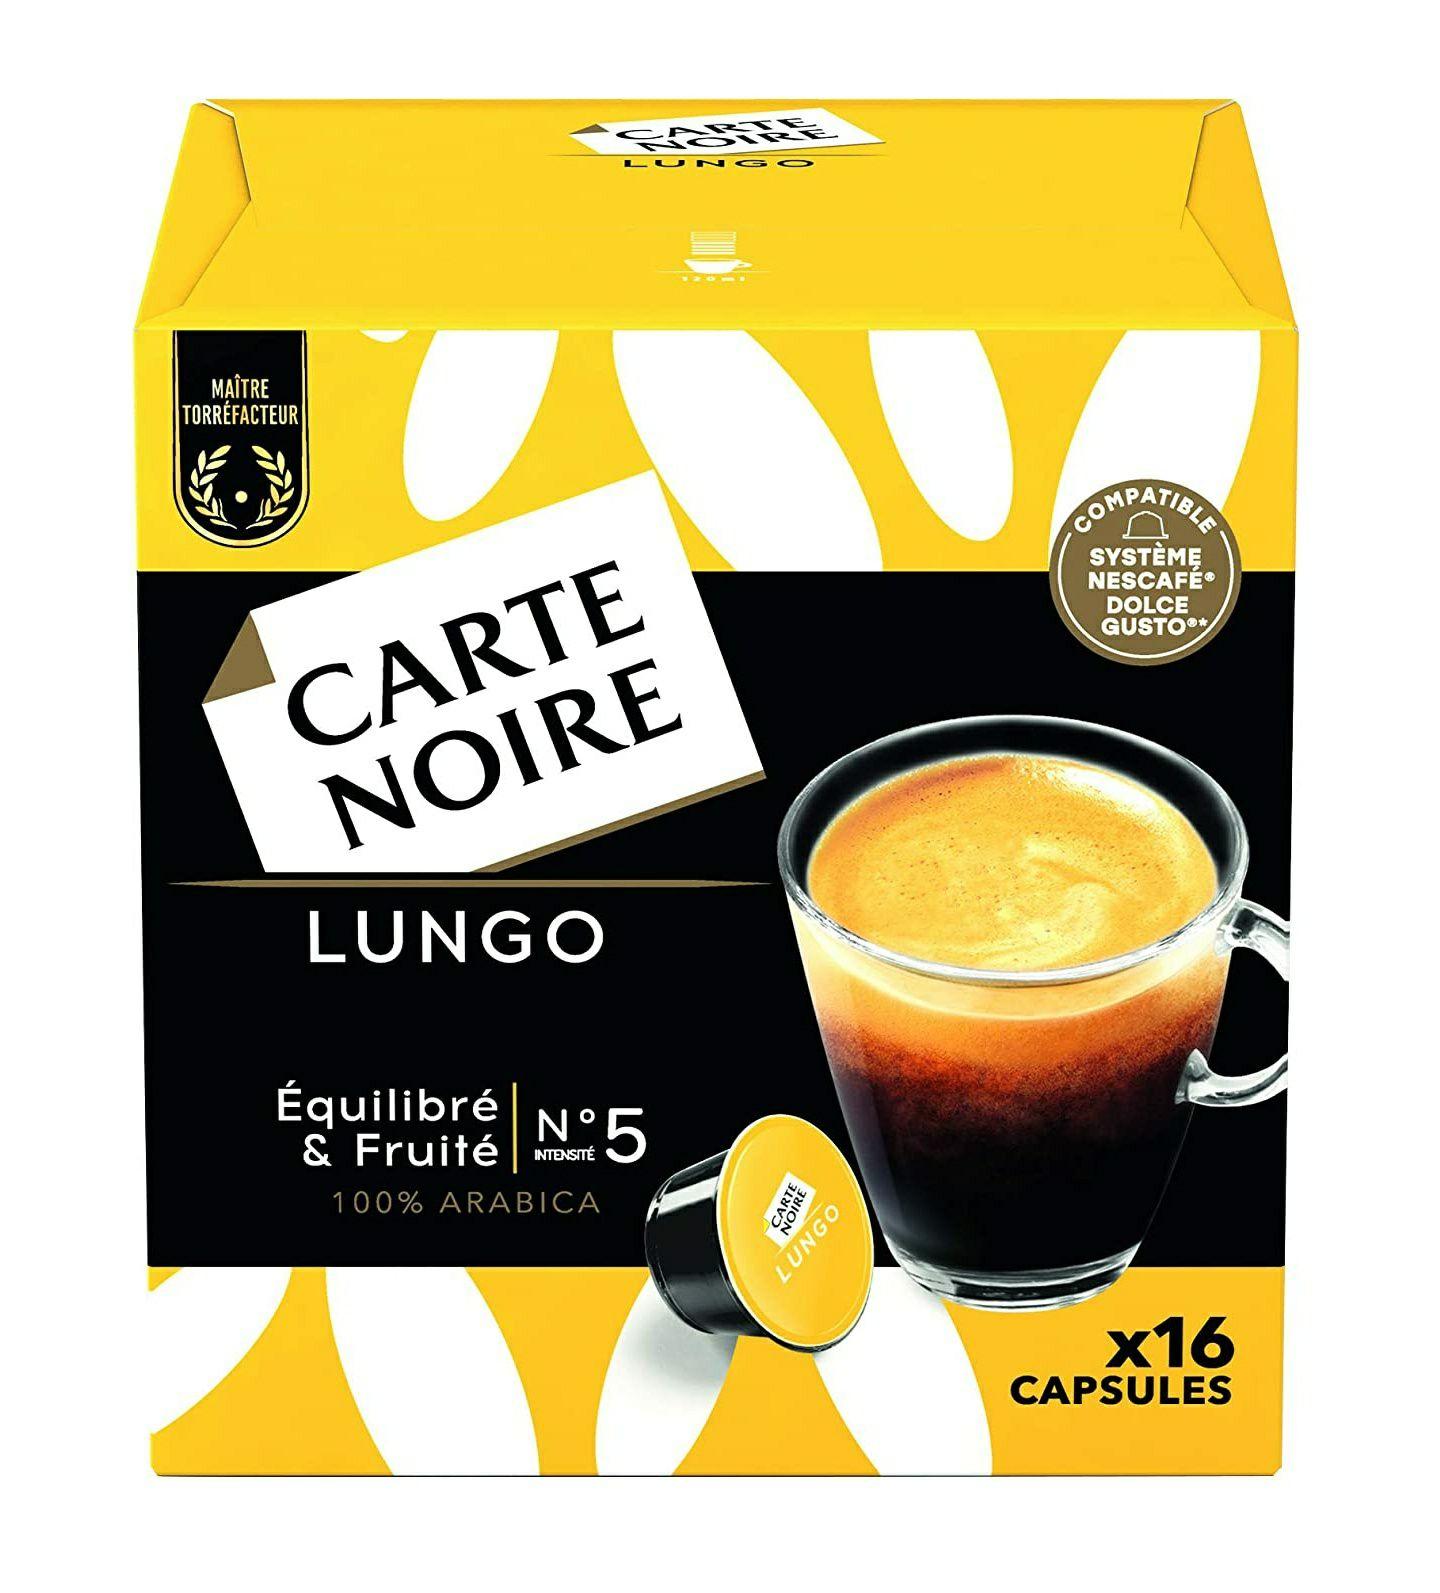 Sélection de cafés en promotion - Ex : Lot de 96 Capsules de Café Carte Noire Lungo compatibles Dolce Gusto